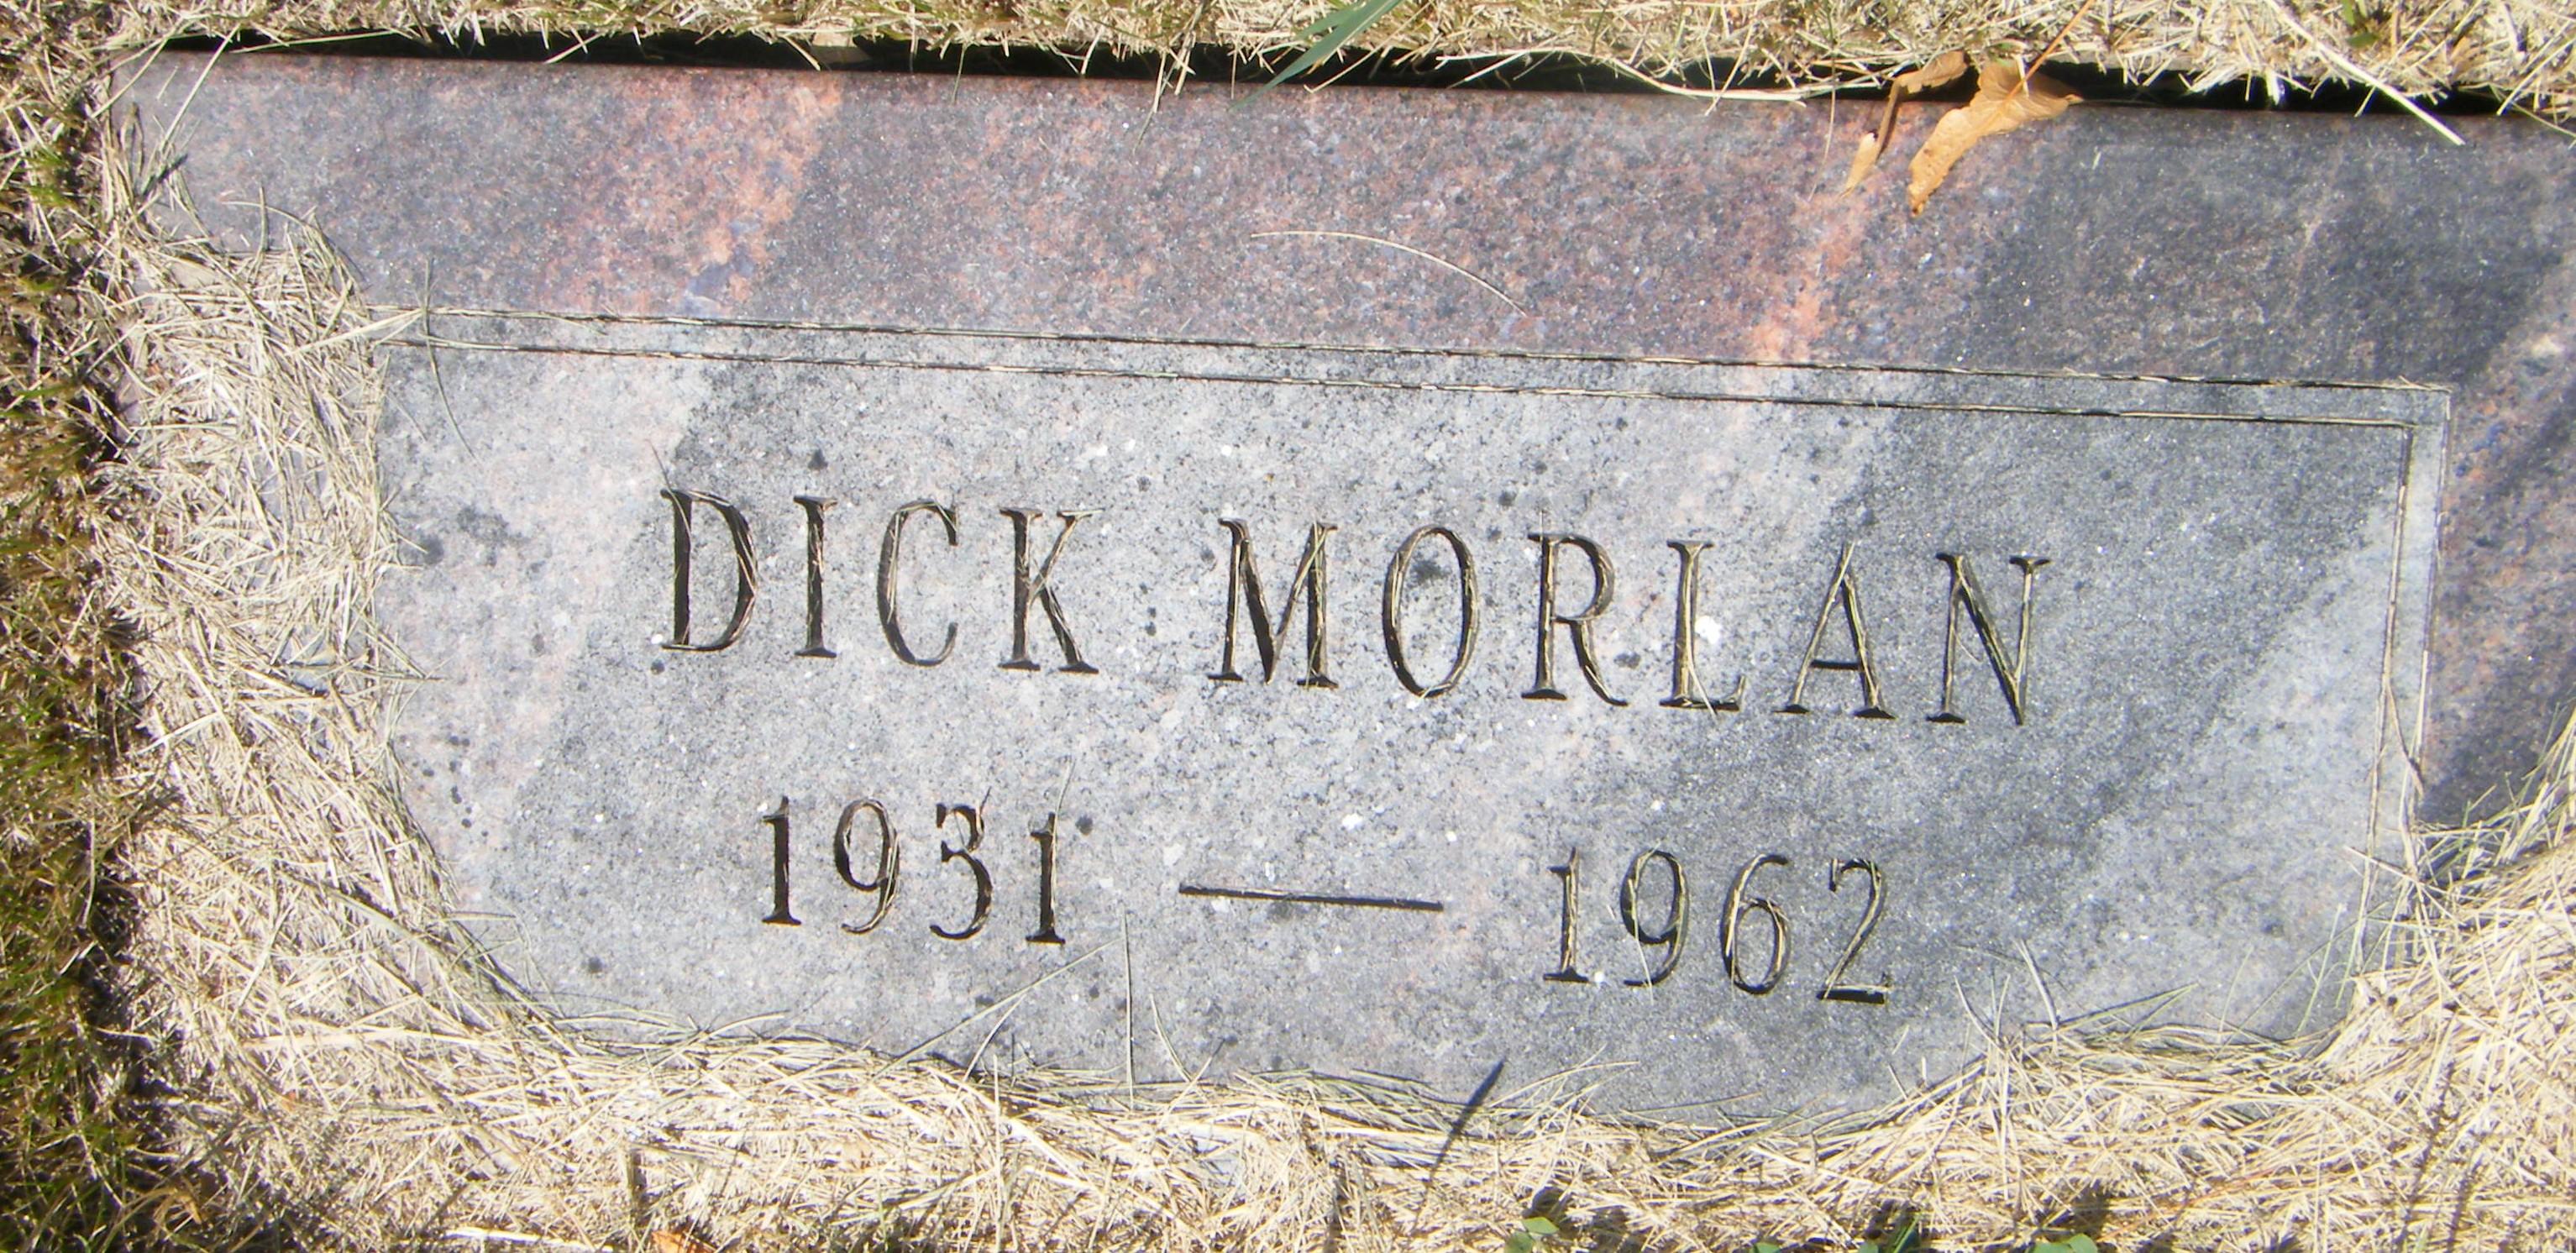 Dick Morlan